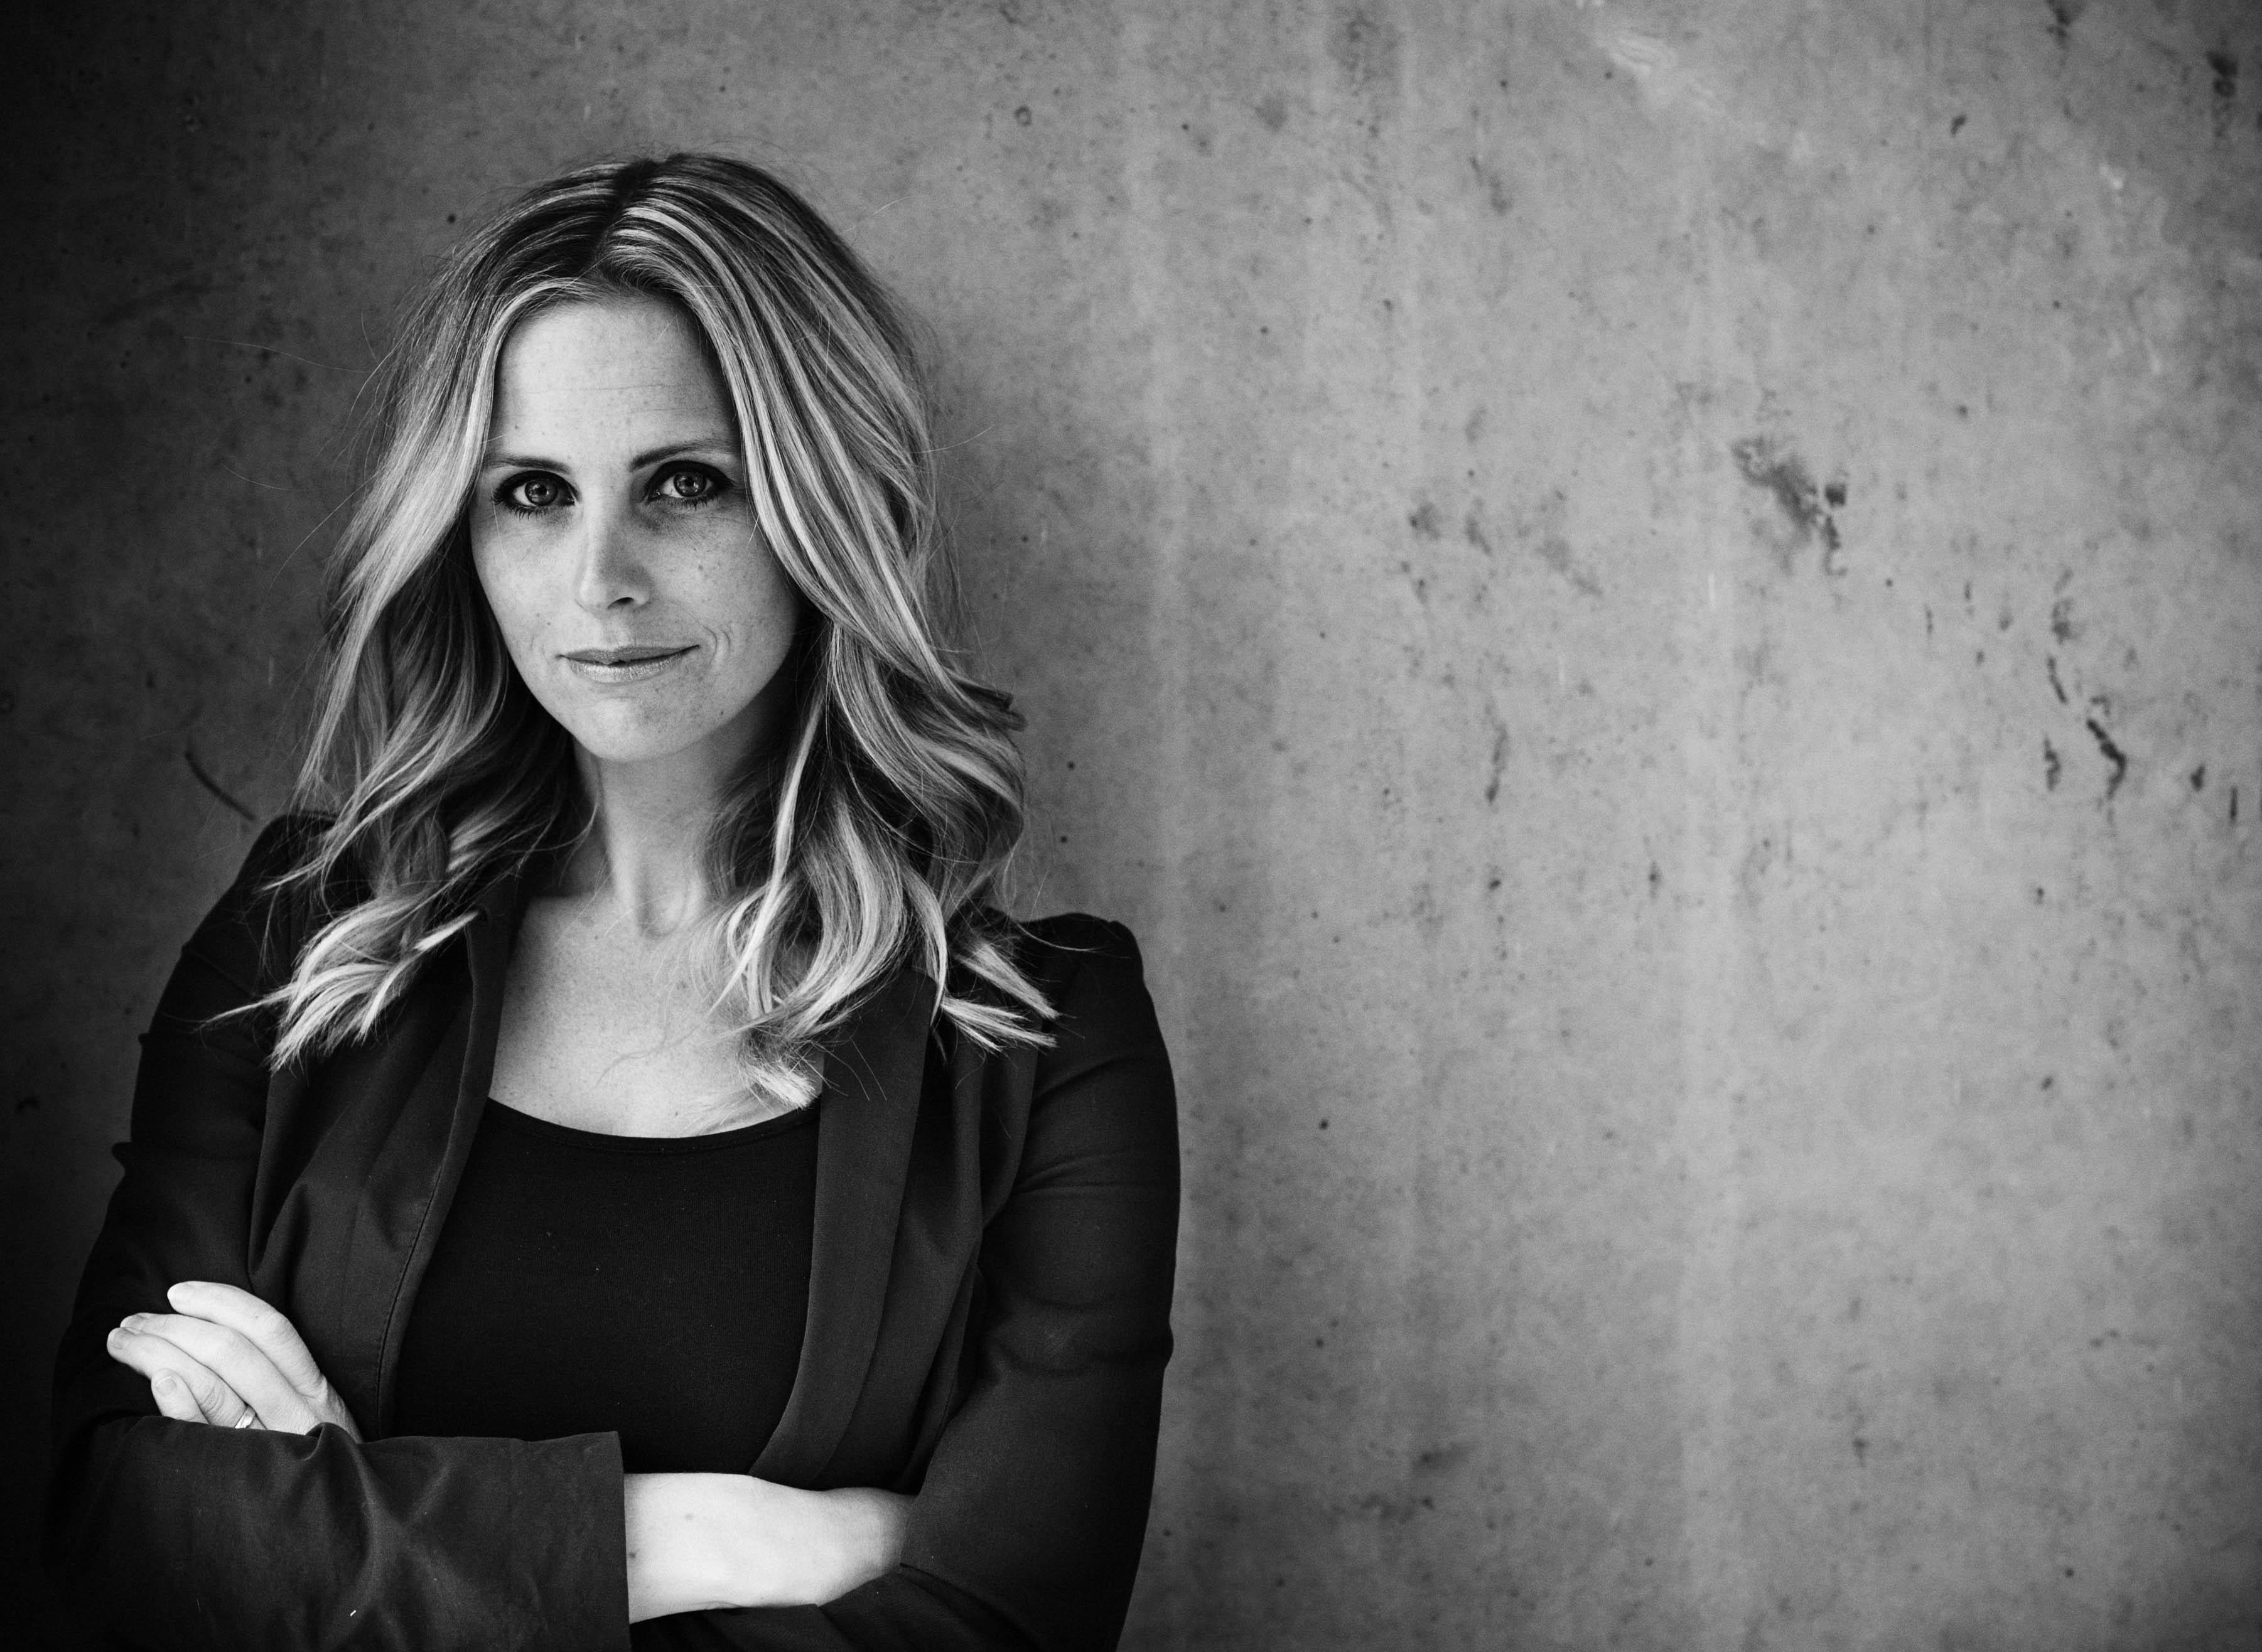 Intervju med Emelie Schepp – Sveriges främsta egenutgivare